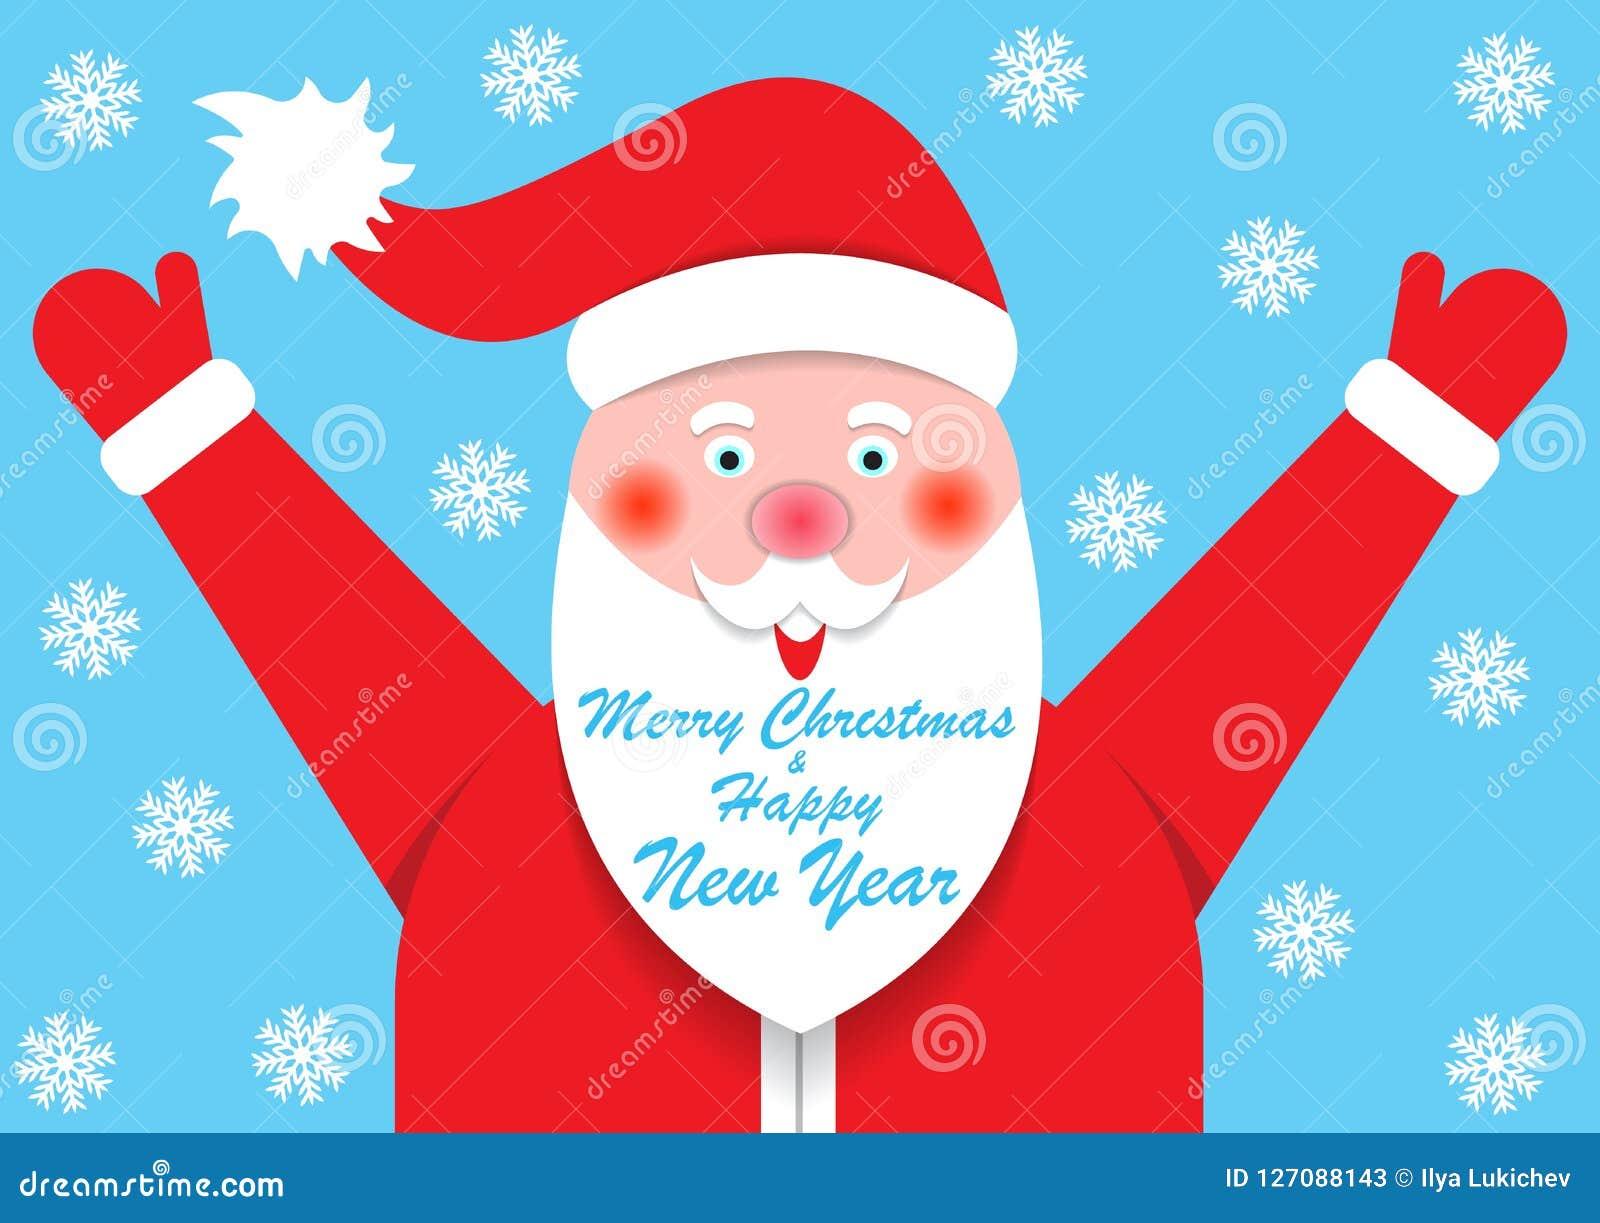 Grüße der frohen Weihnachten und des neuen Jahres, Schablone, Postkarte, Fahne